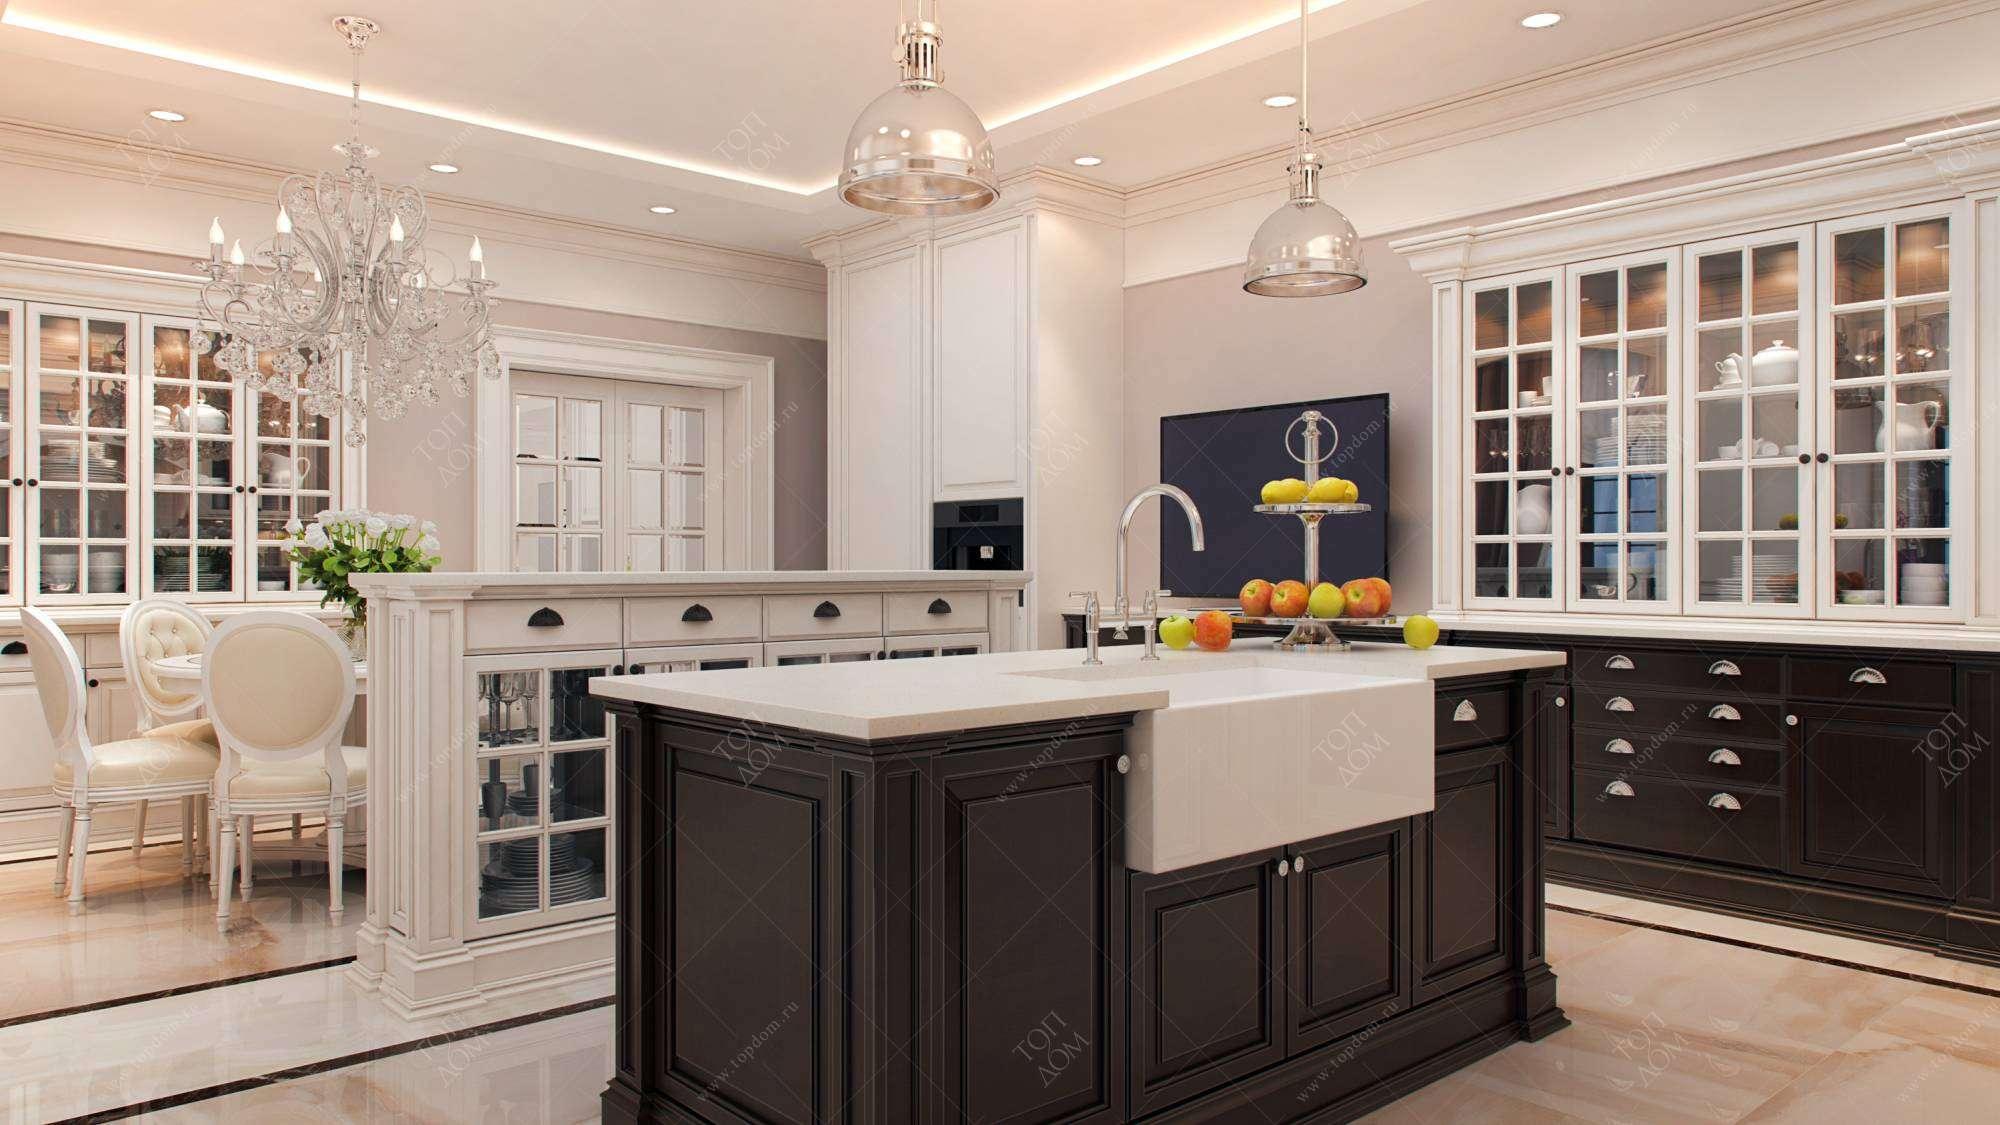 Дизайн кухни бежевого цвета фото